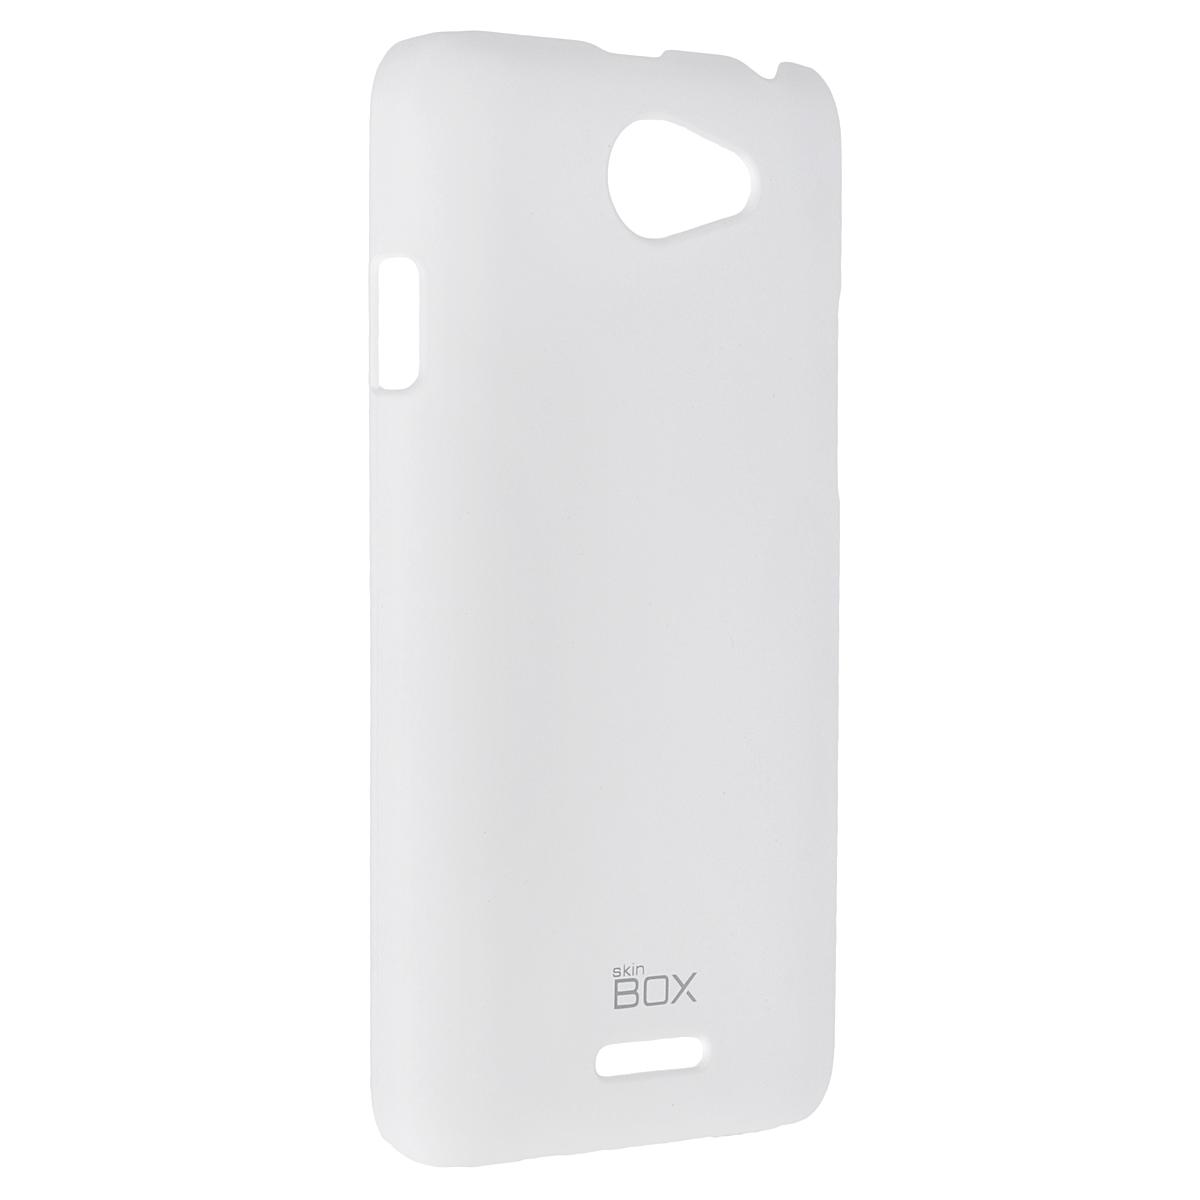 Skinbox Shield 4People чехол для HTC Desire 516, WhiteT-S-HD516-002Чехол Skinbox Shield 4People для HTC Desire 516 предназначен для защиты корпуса смартфона от механических повреждений и царапин в процессе эксплуатации. Имеется свободный доступ ко всем разъемам и кнопкам устройства. В комплект также входит защитная пленка на экран телефона.